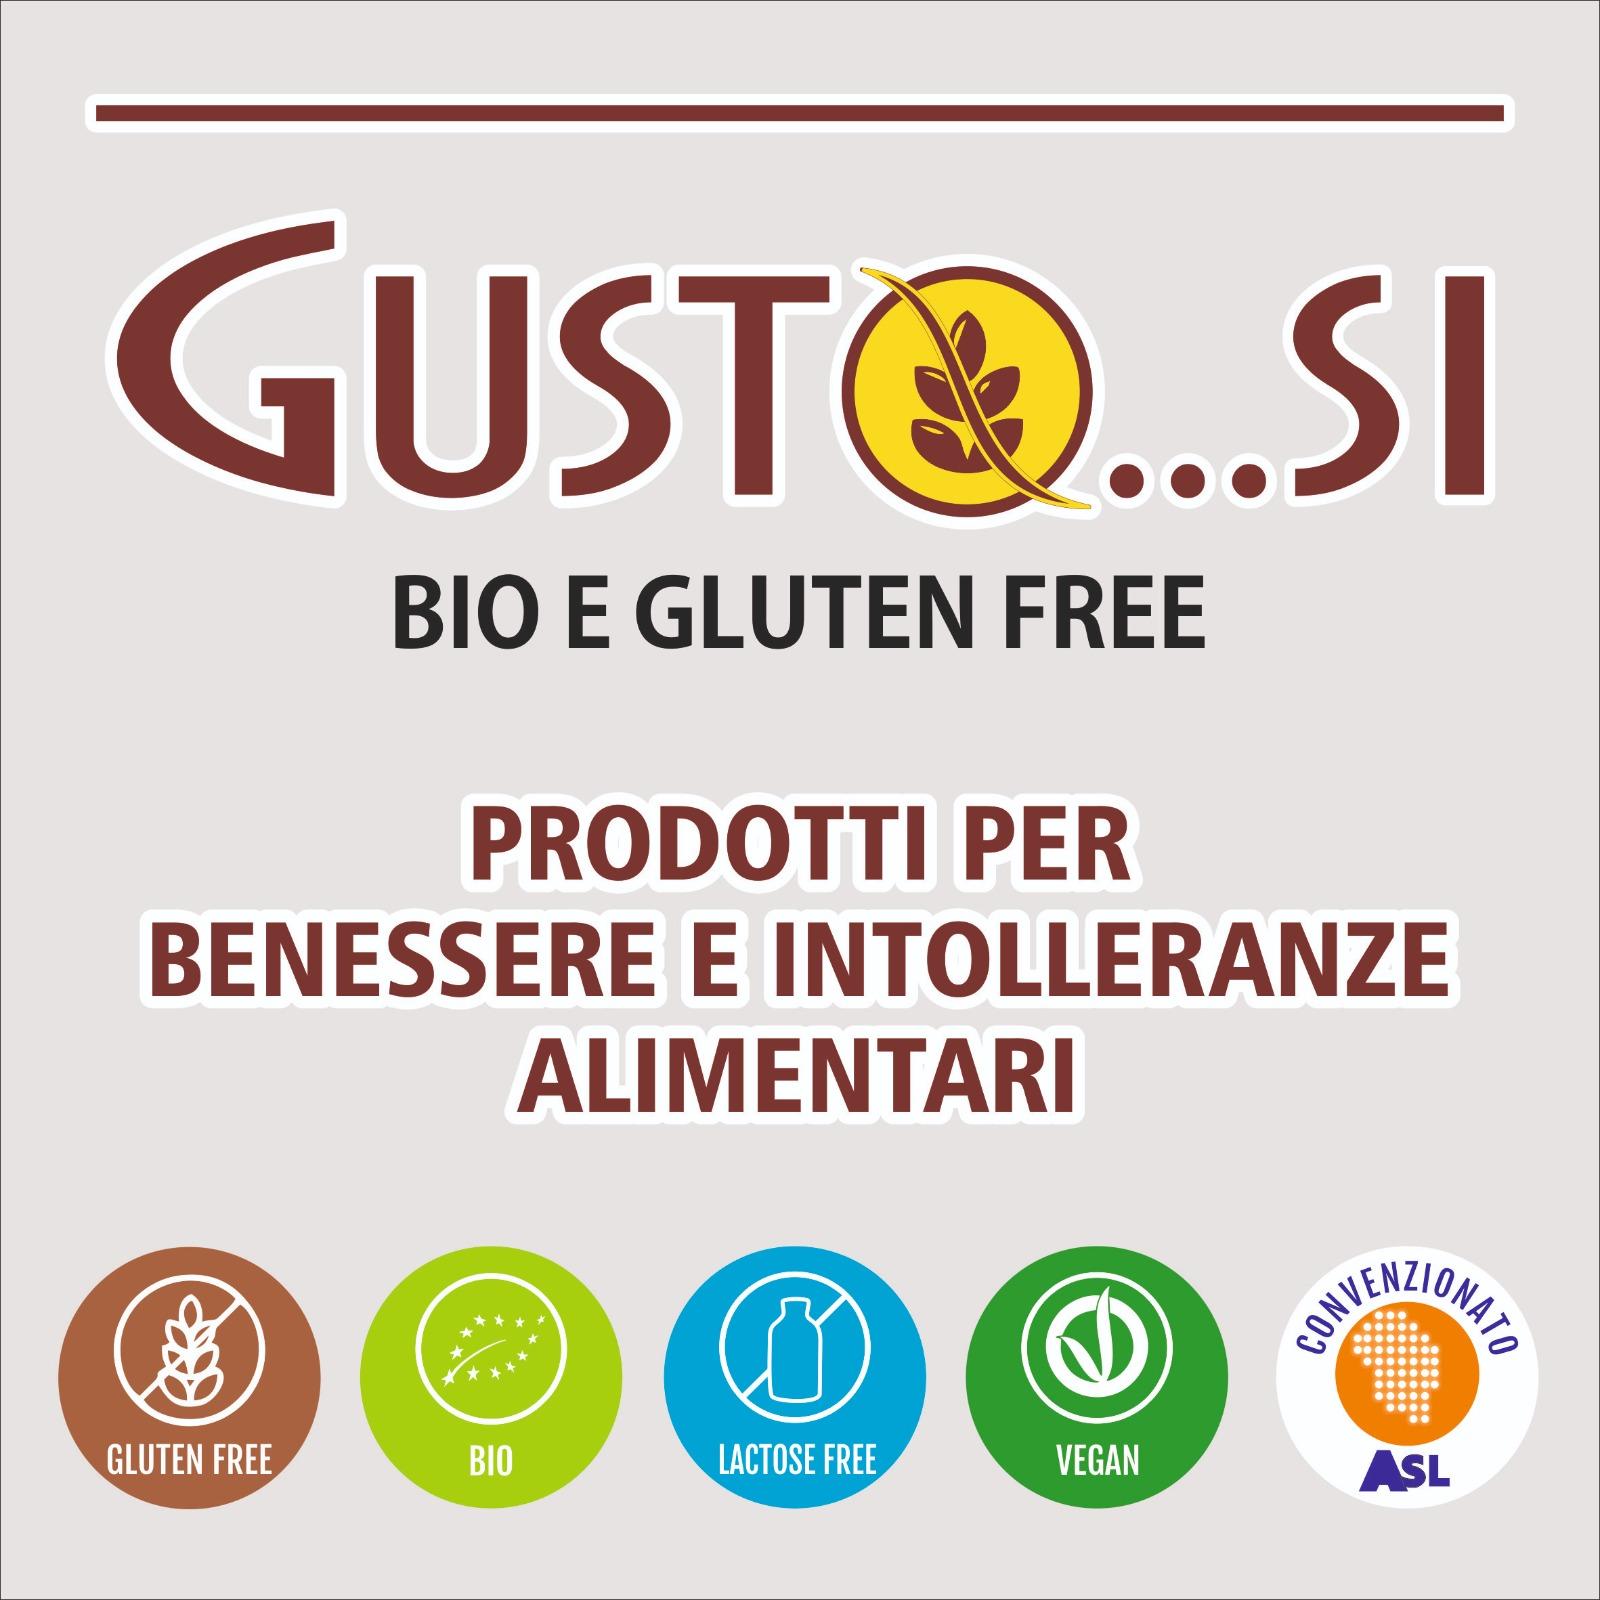 GUSTO...SI bio e gluten free